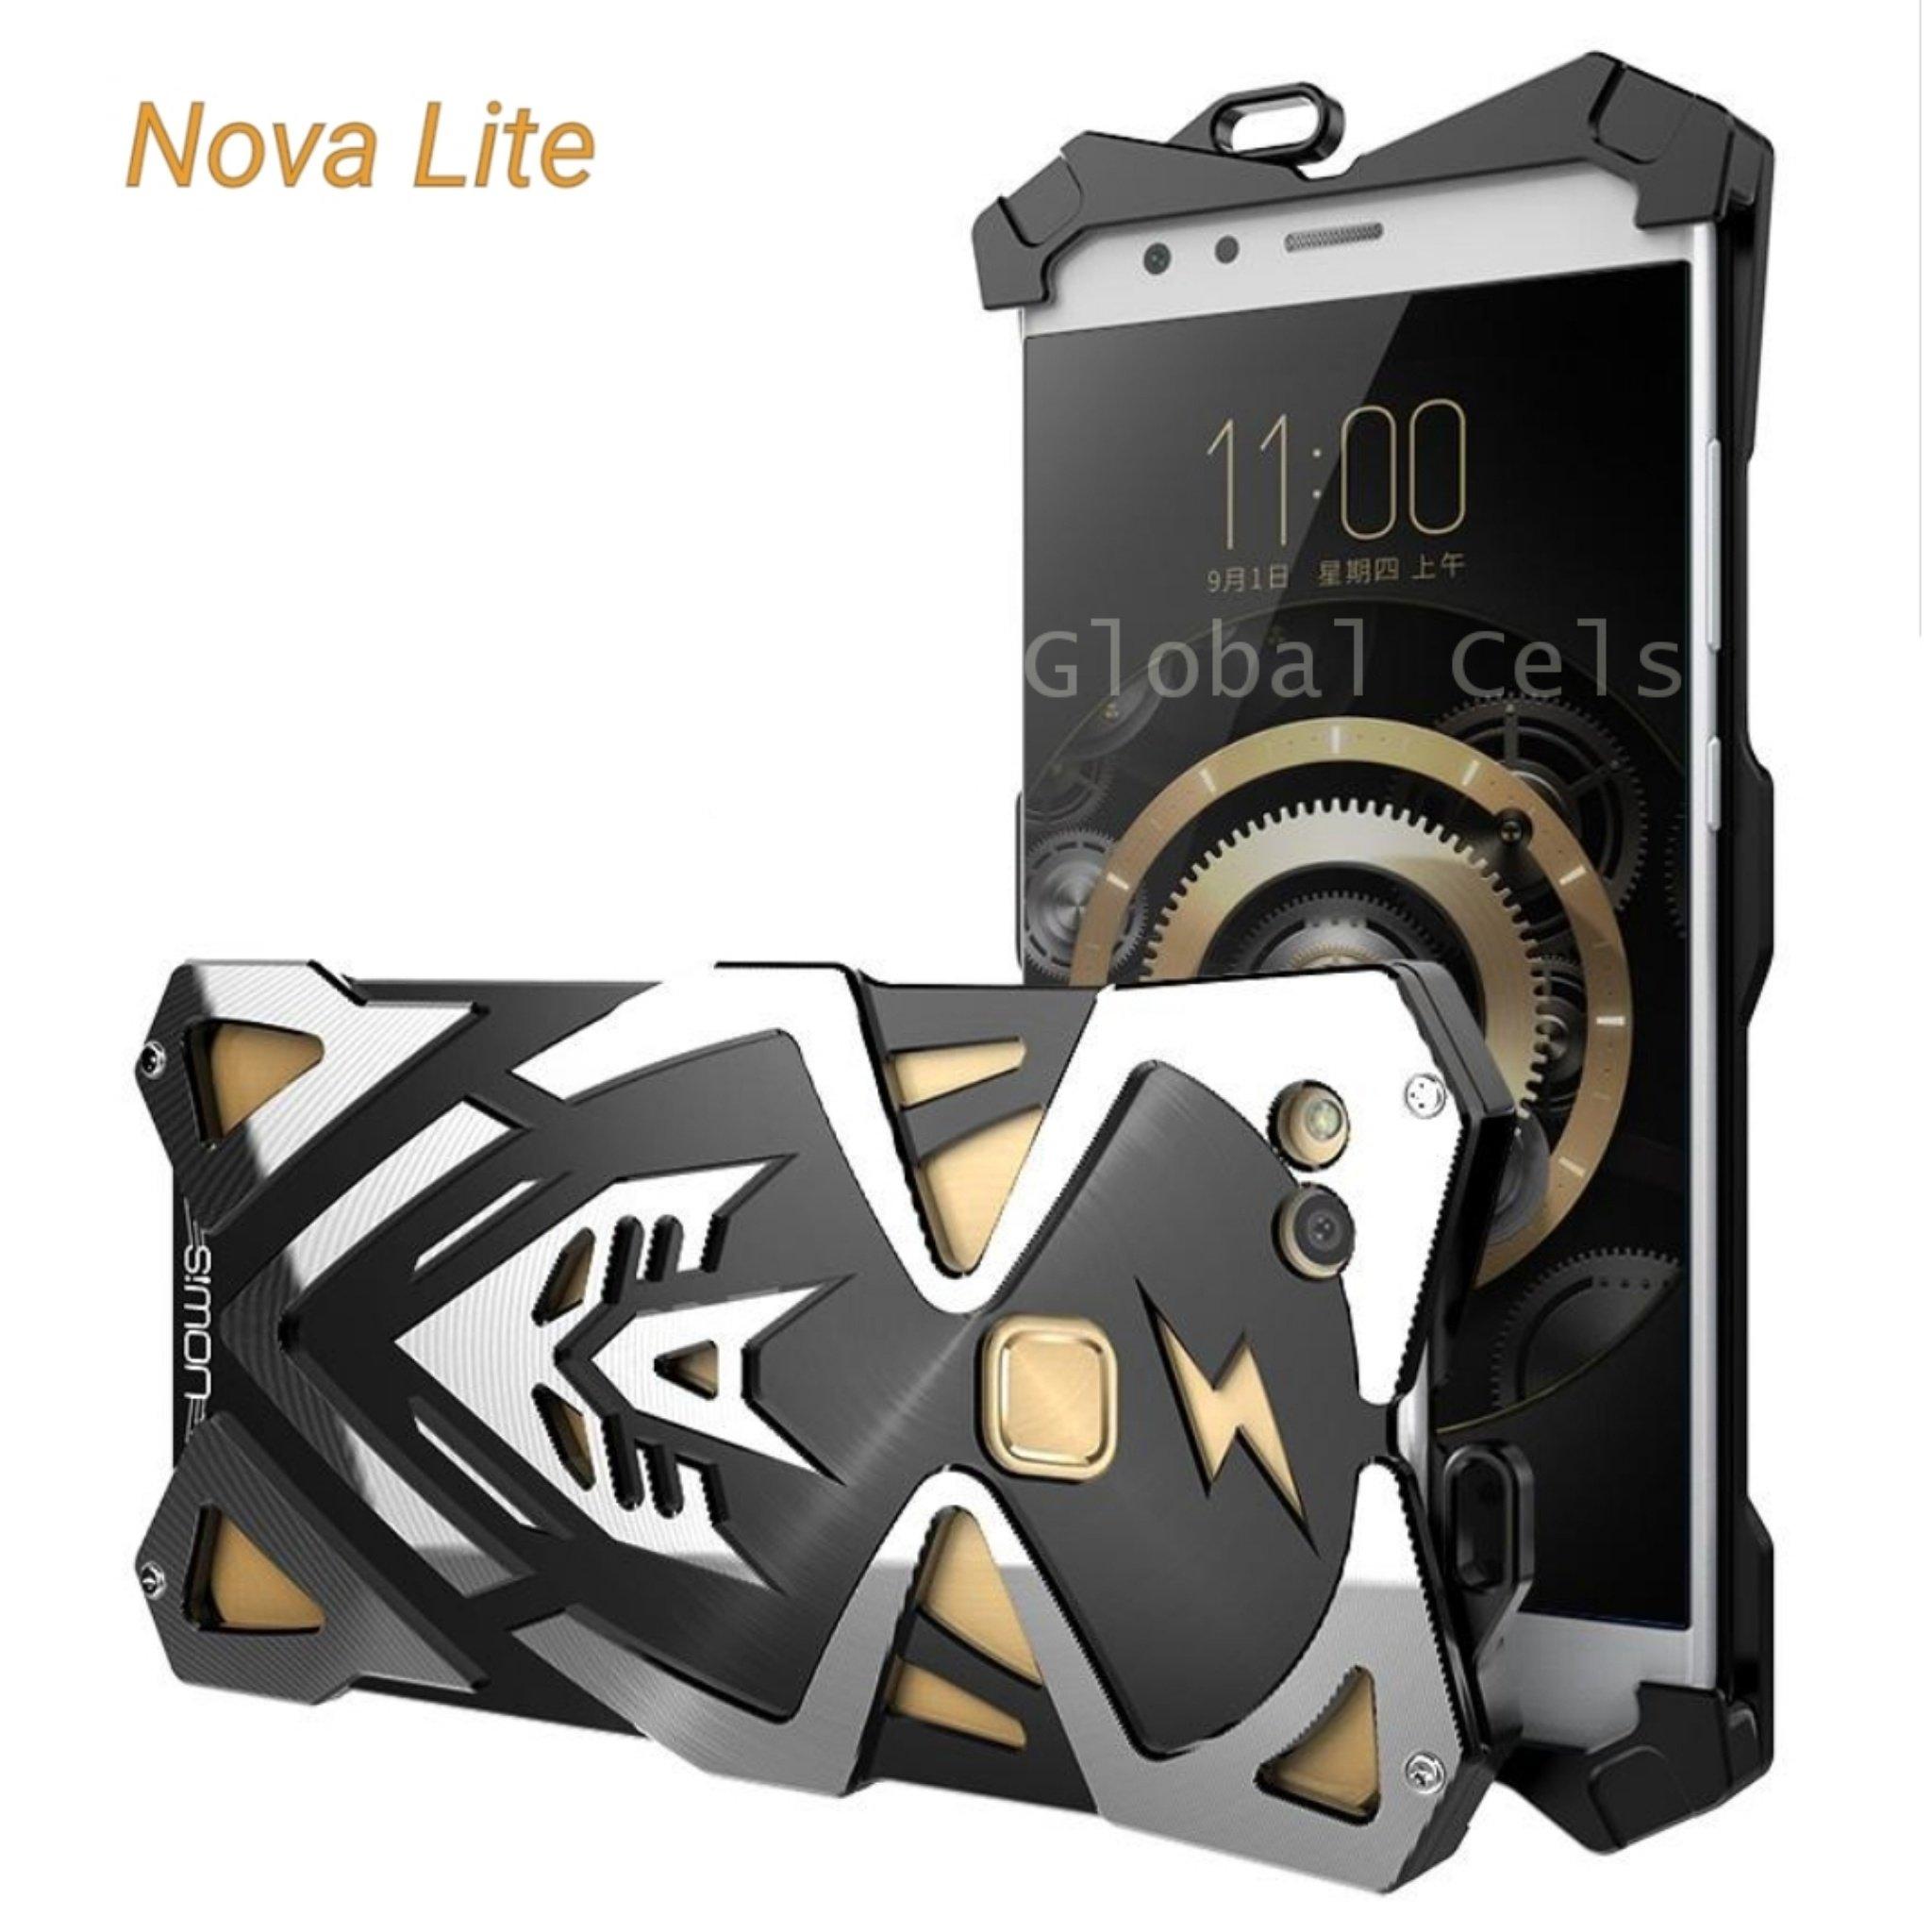 Case Huawei Nova Lite Metal Thor con Pernos atornillables 00201